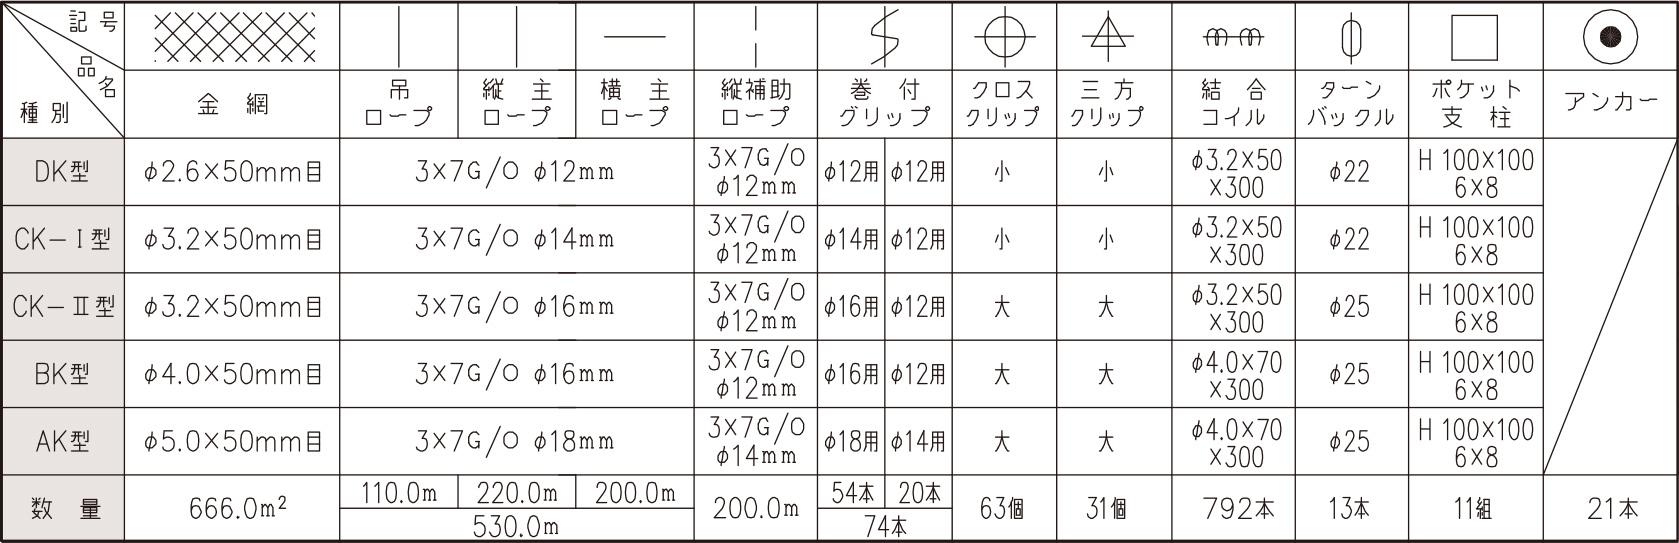 部材数量表 600.0 m²当り